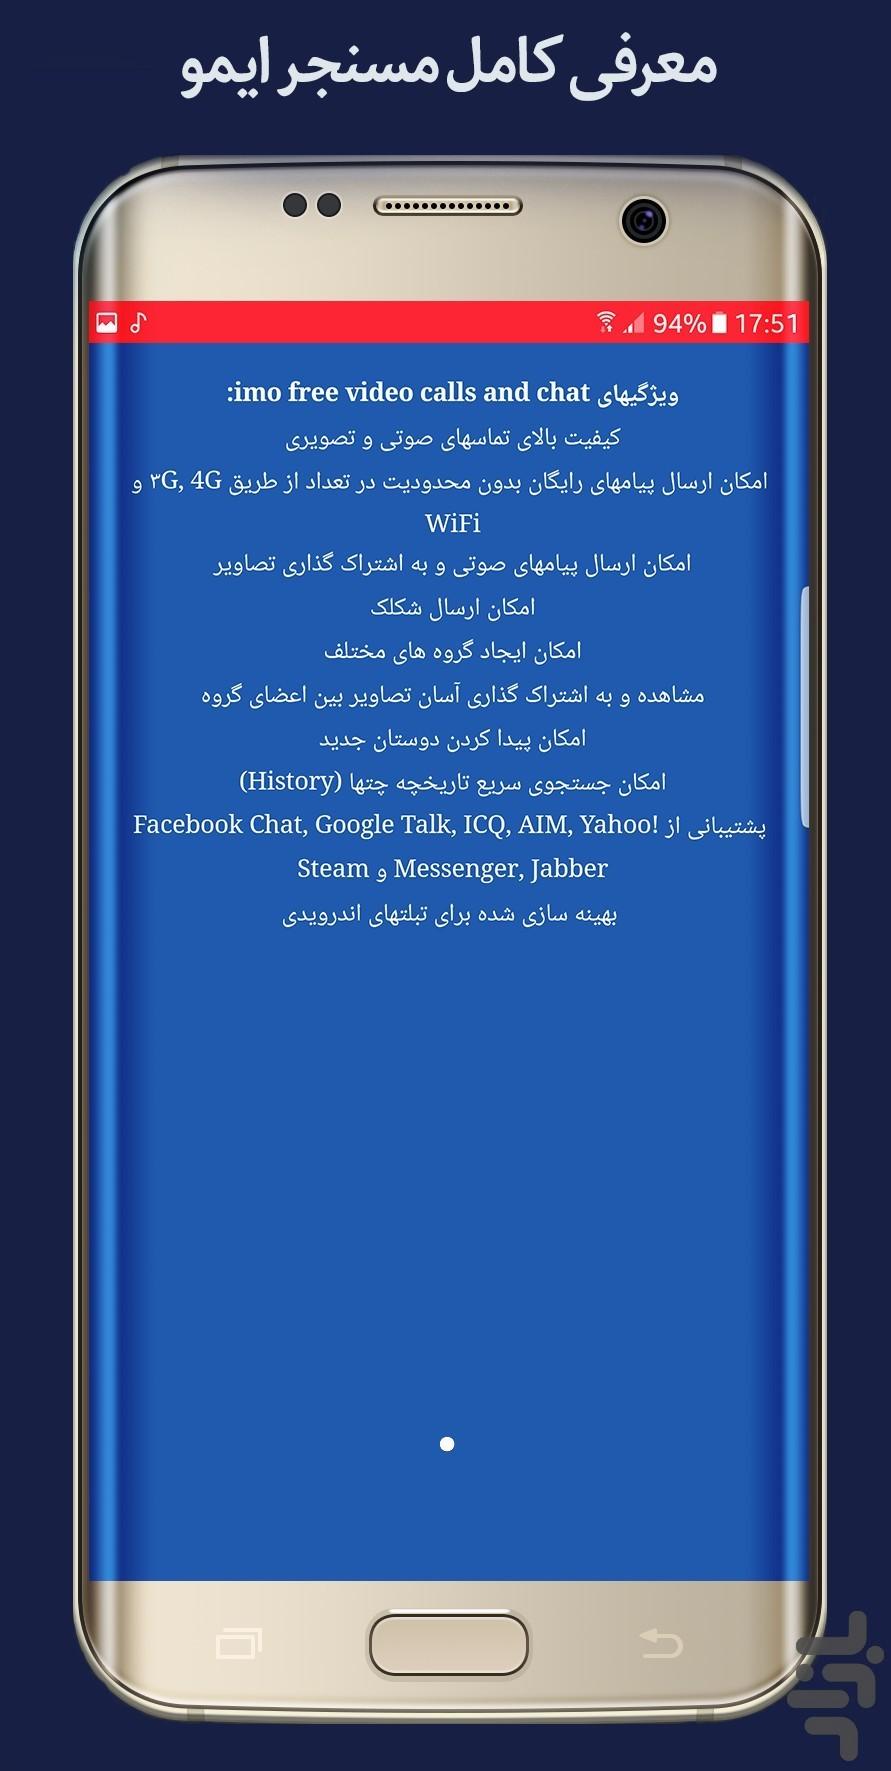 دانلود ایمو از کافه بازار ایمو فارسی - دانلود | نصب برنامه اندروید | کافه بازار